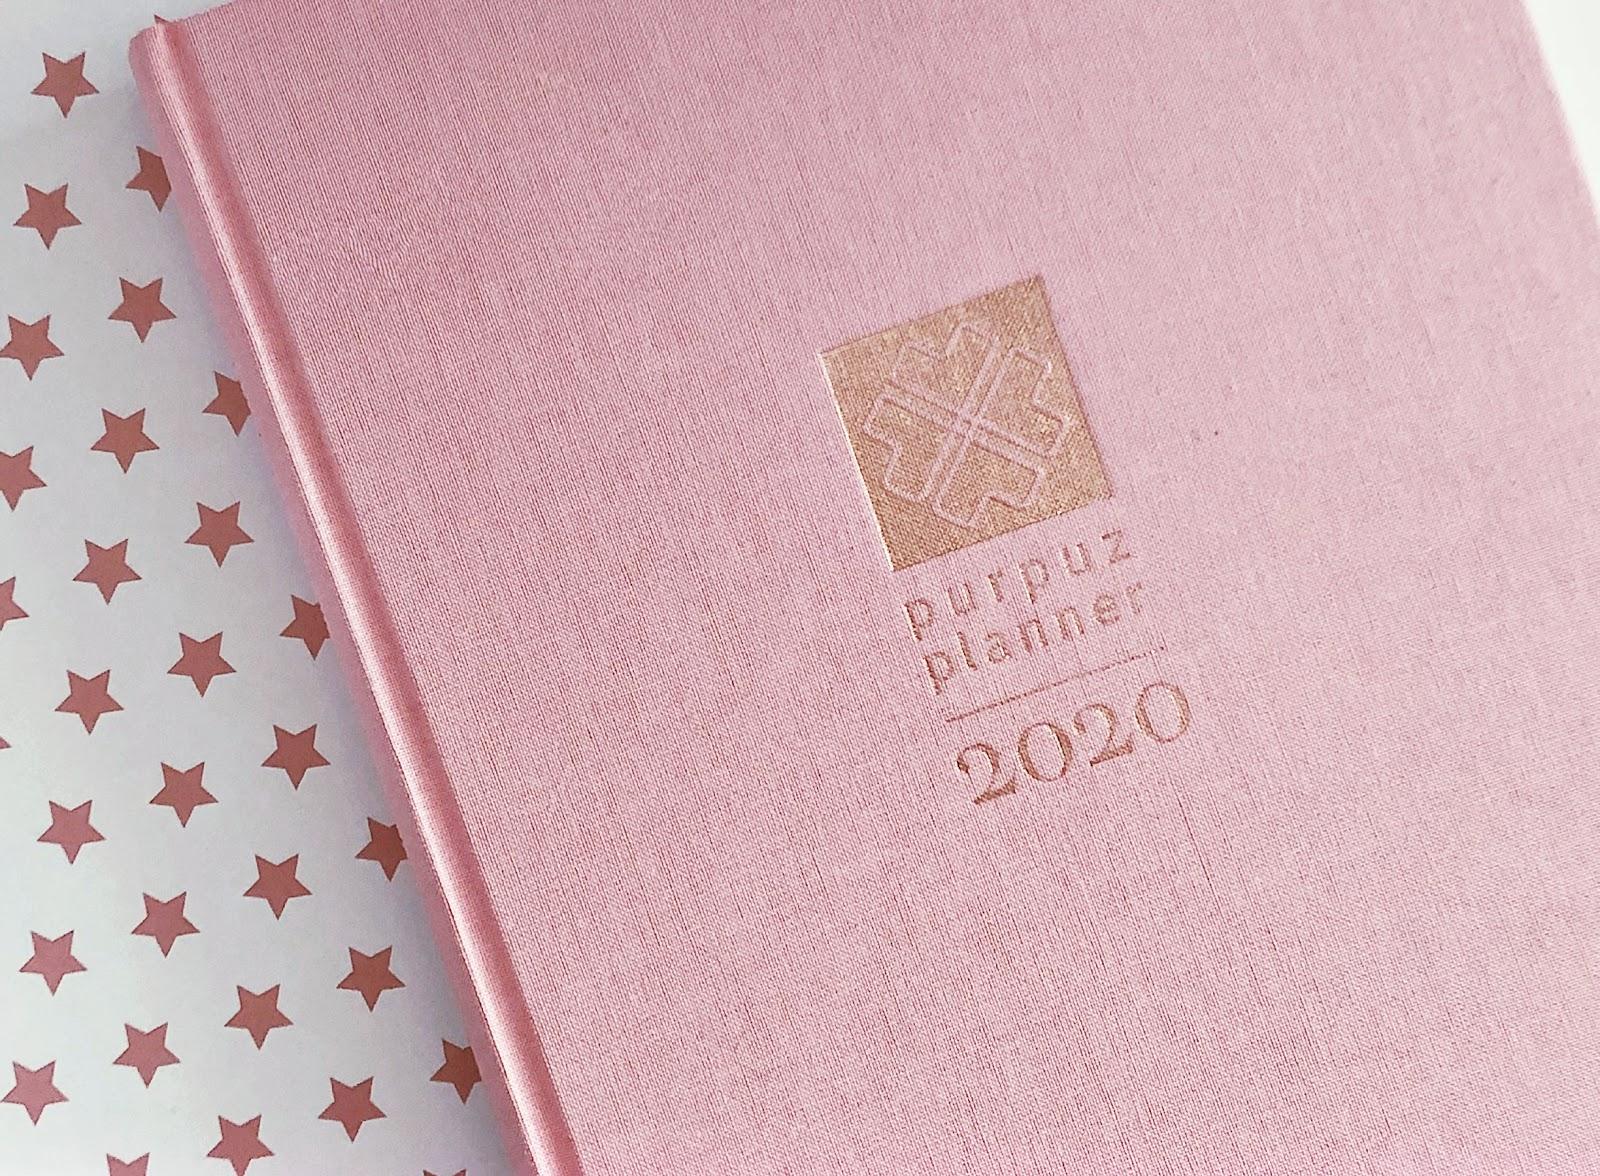 Behaal je doelen met de Purpuz Planner 2020